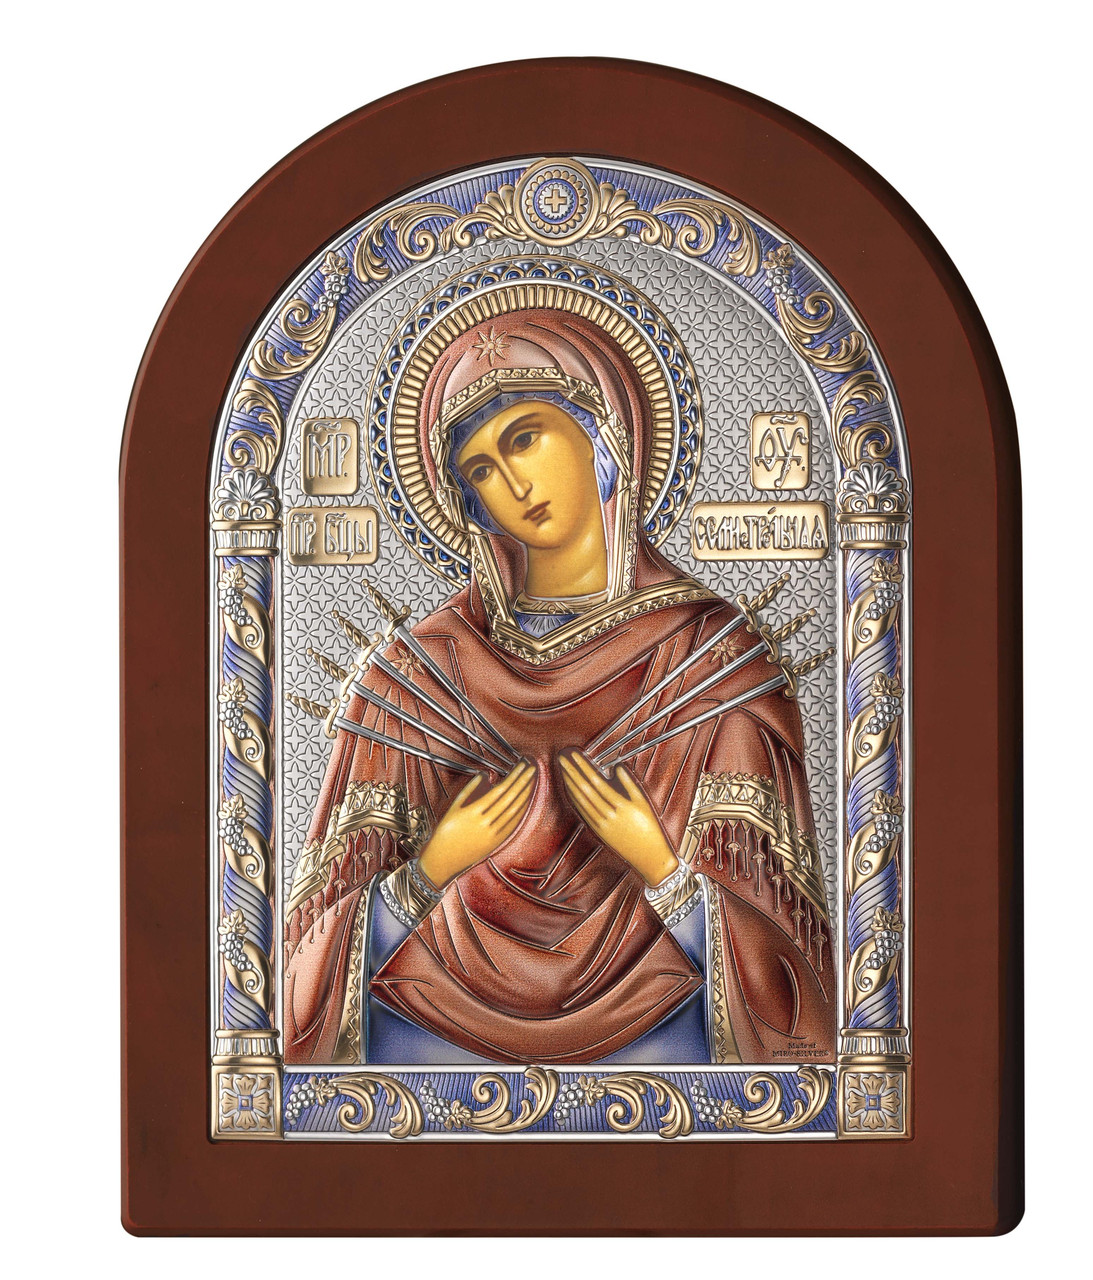 Икона серебряная Богородицы Семистрельная (15х20см) 84122 4LCOL